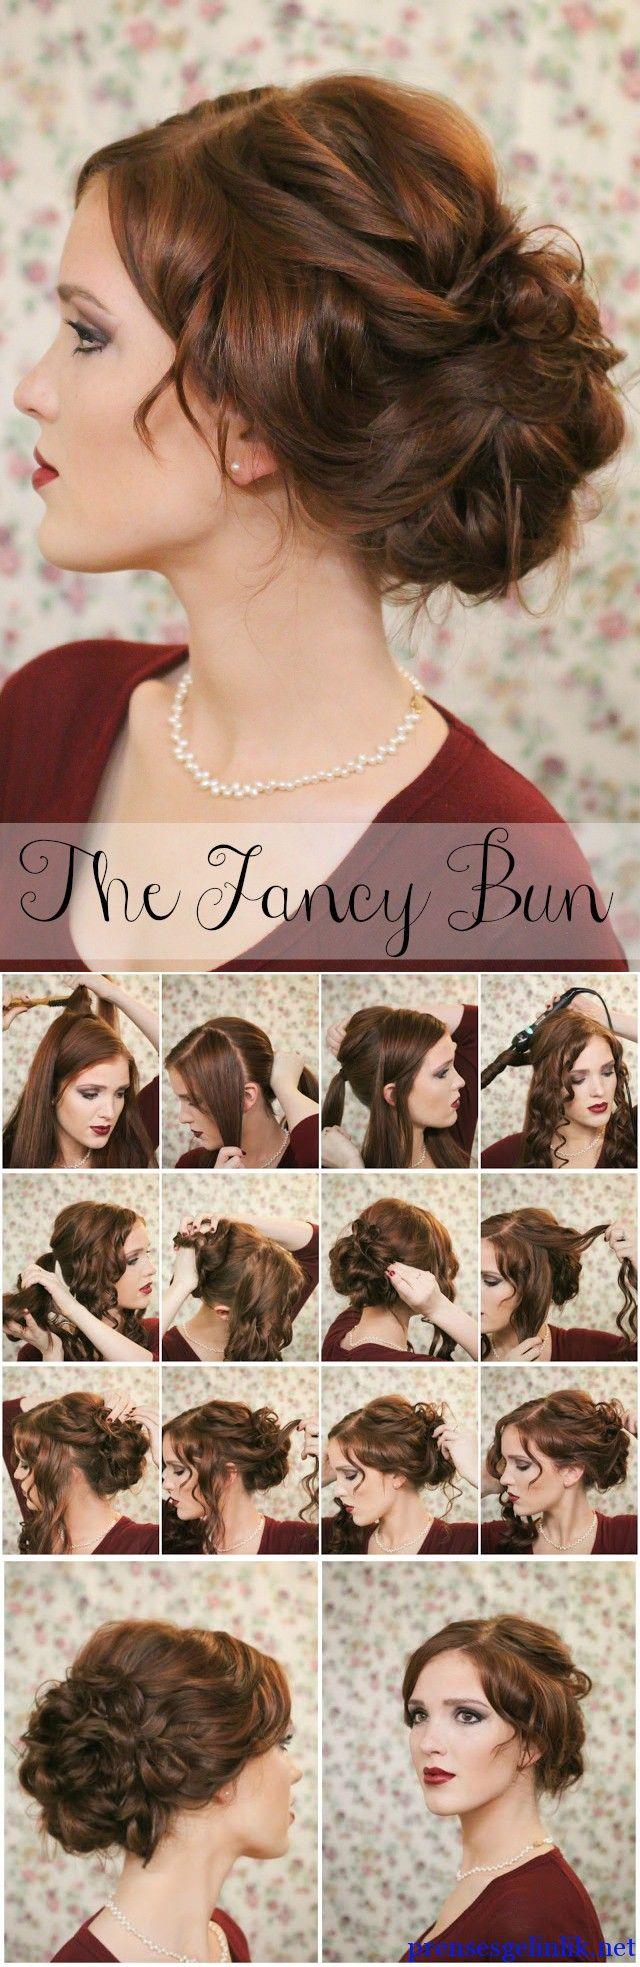 Bun hair styles easy bun hair women fashions